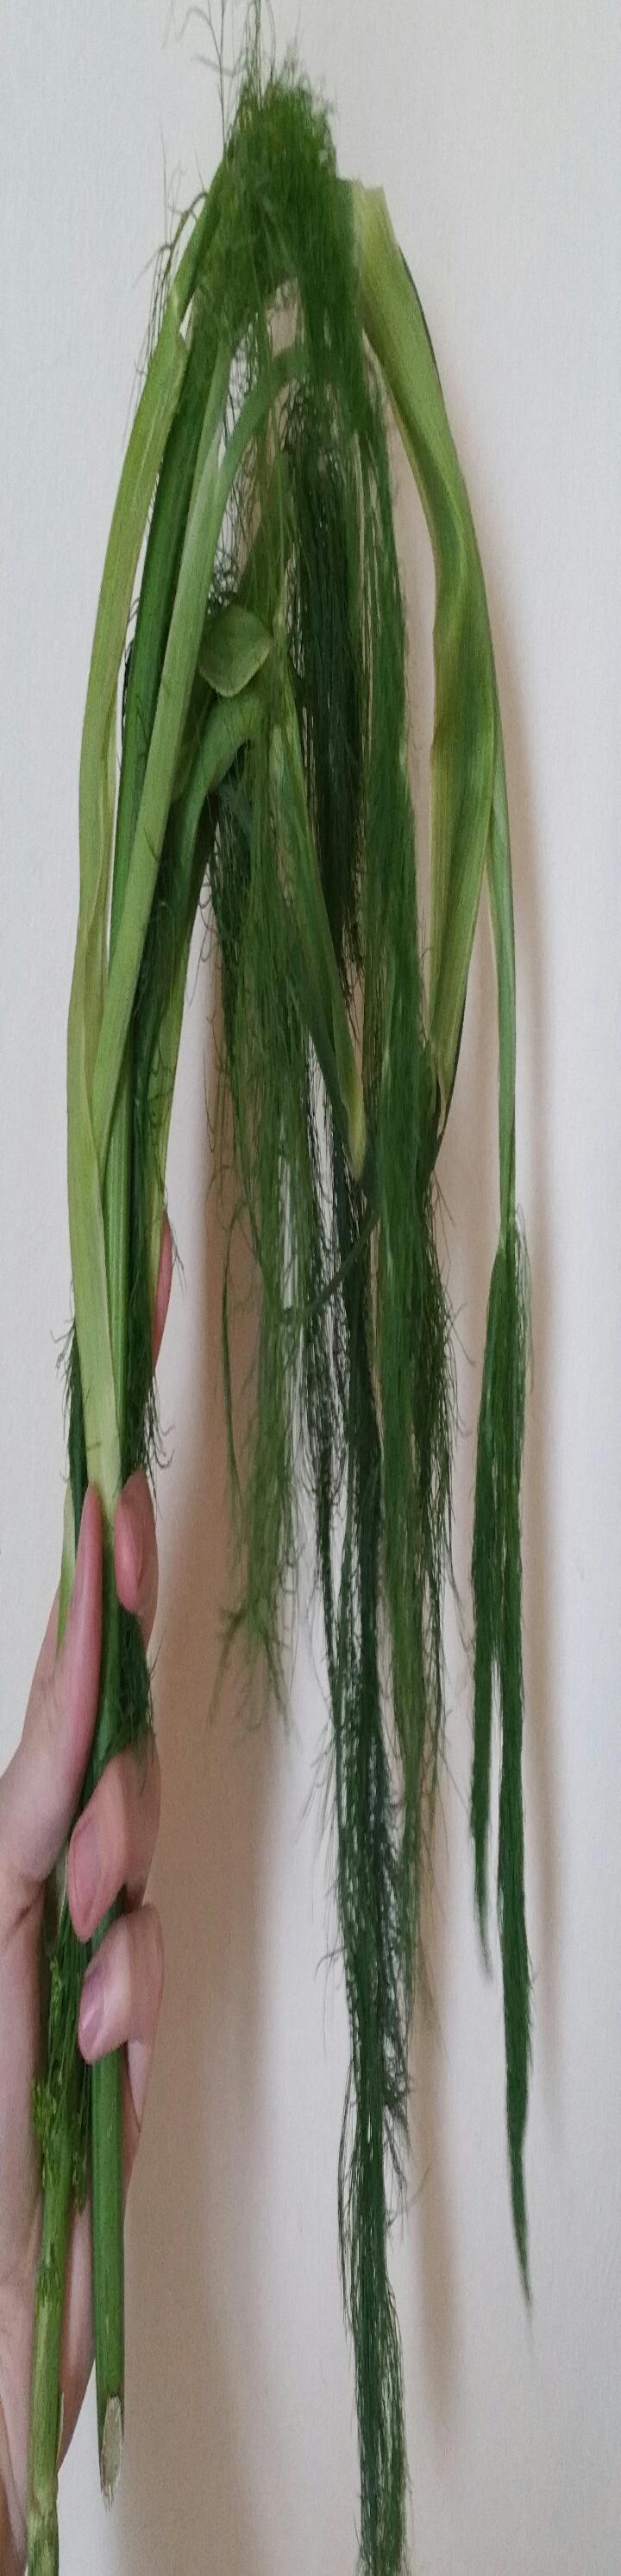 Batch of shooting fennel